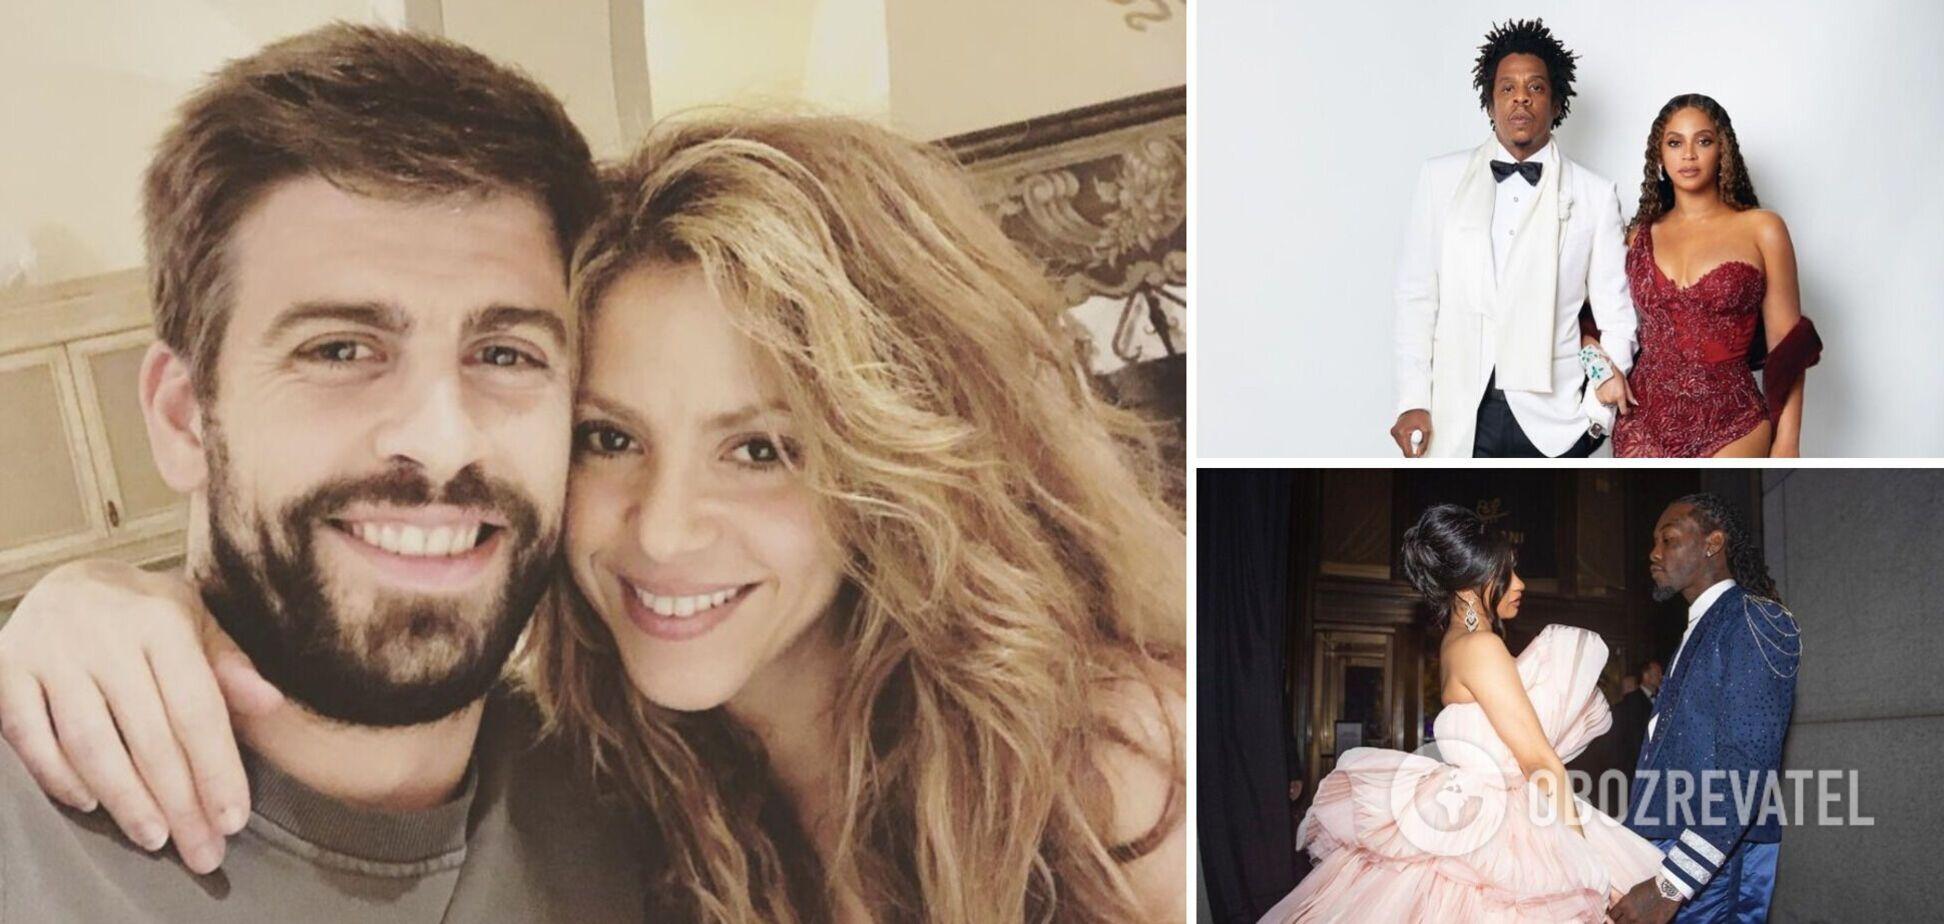 Бейонсе, Шакіра та інші: голлівудські зірки, які змогли пробачити зраду своїм чоловікам